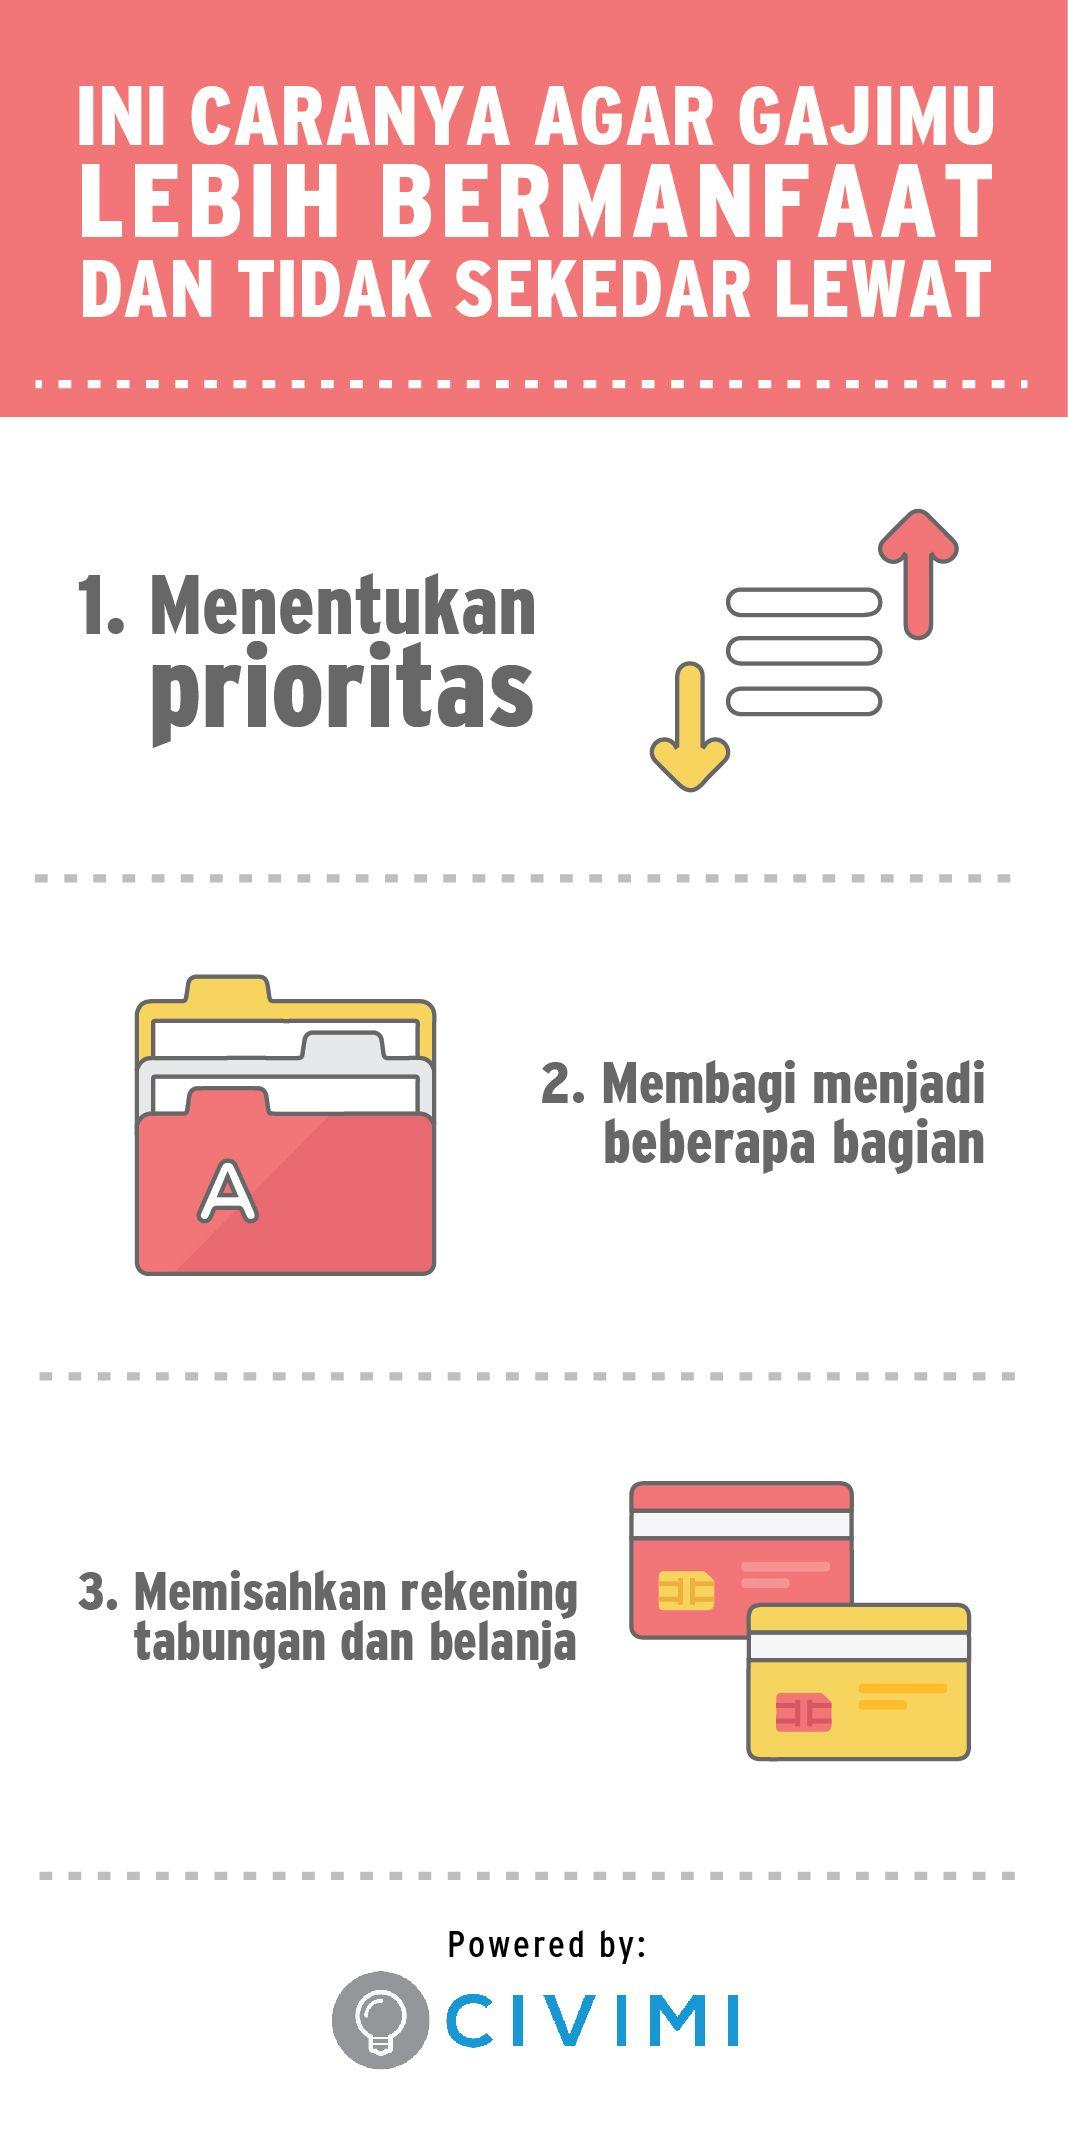 Ini Caranya Agar Gajimu Lebih Bermanfaat Dan Tidak Sekedar Lewat Infographic Kutipan Motivasi Sukses Kutipan Motivasi Kutipan Pengetahuan